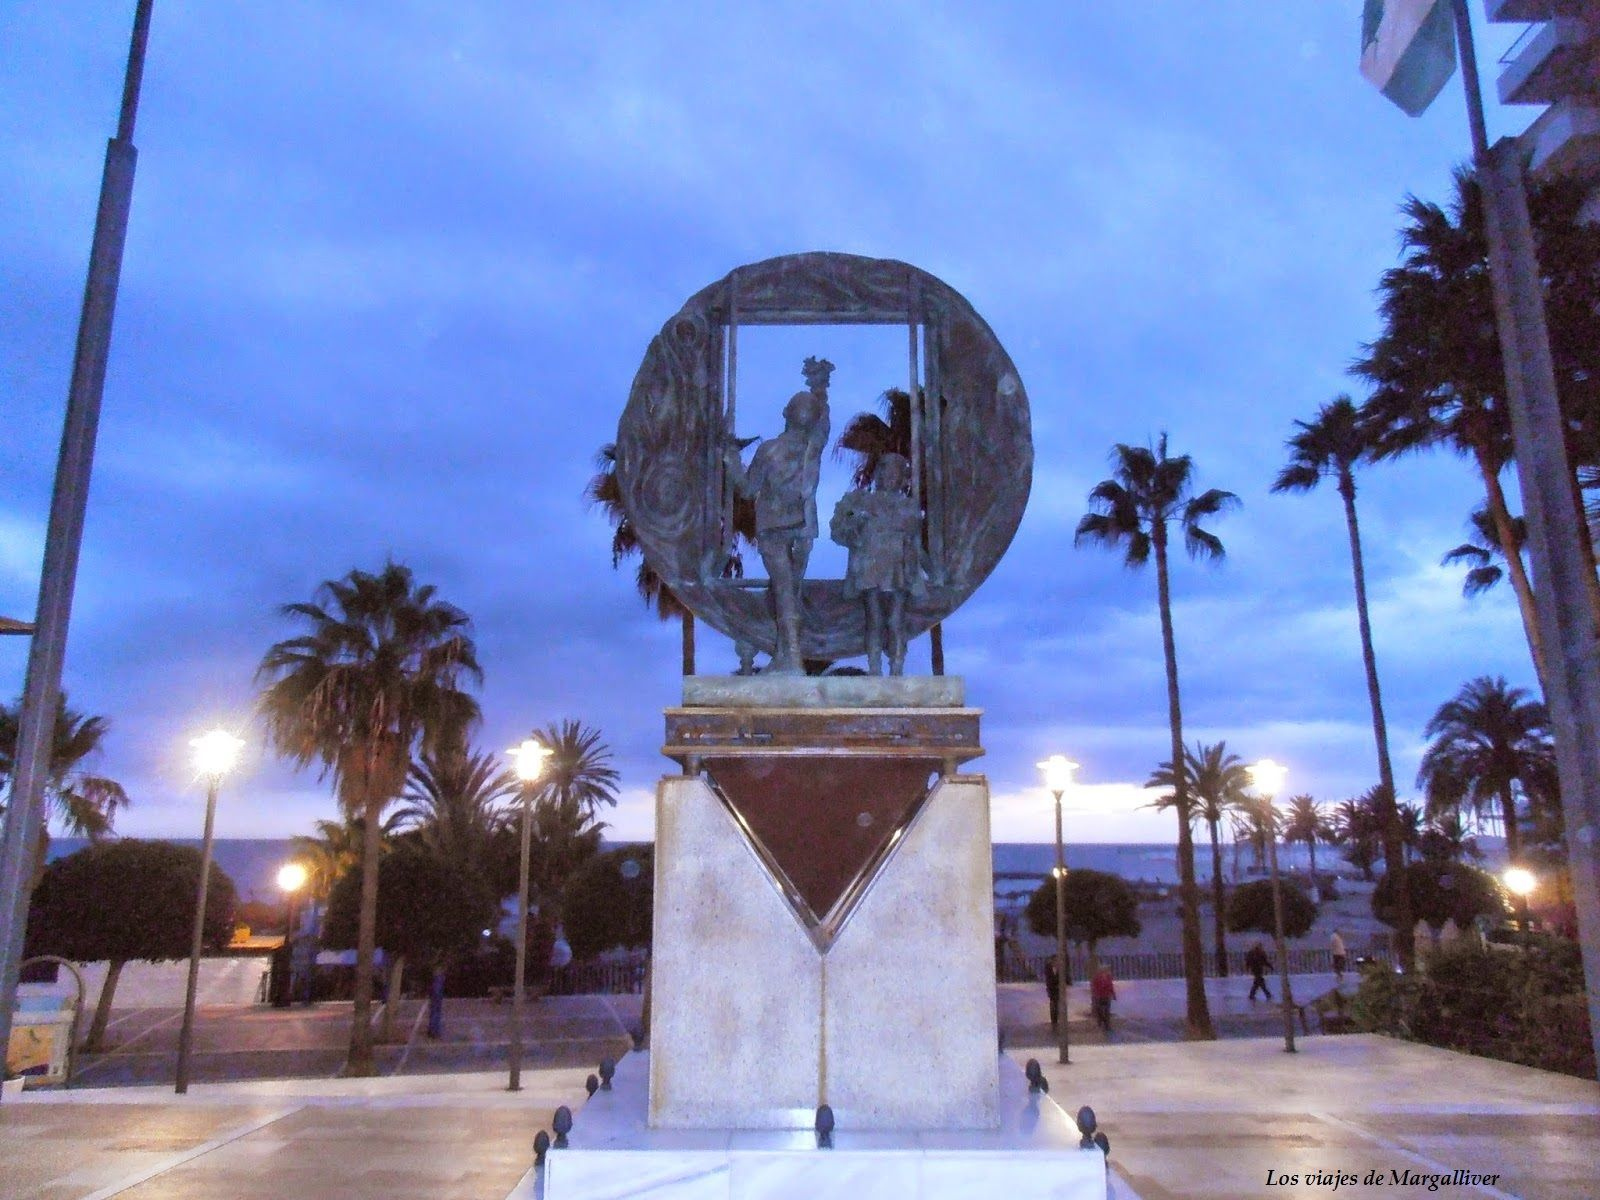 avenida del mar en marbella- Los viajes de Margalliver